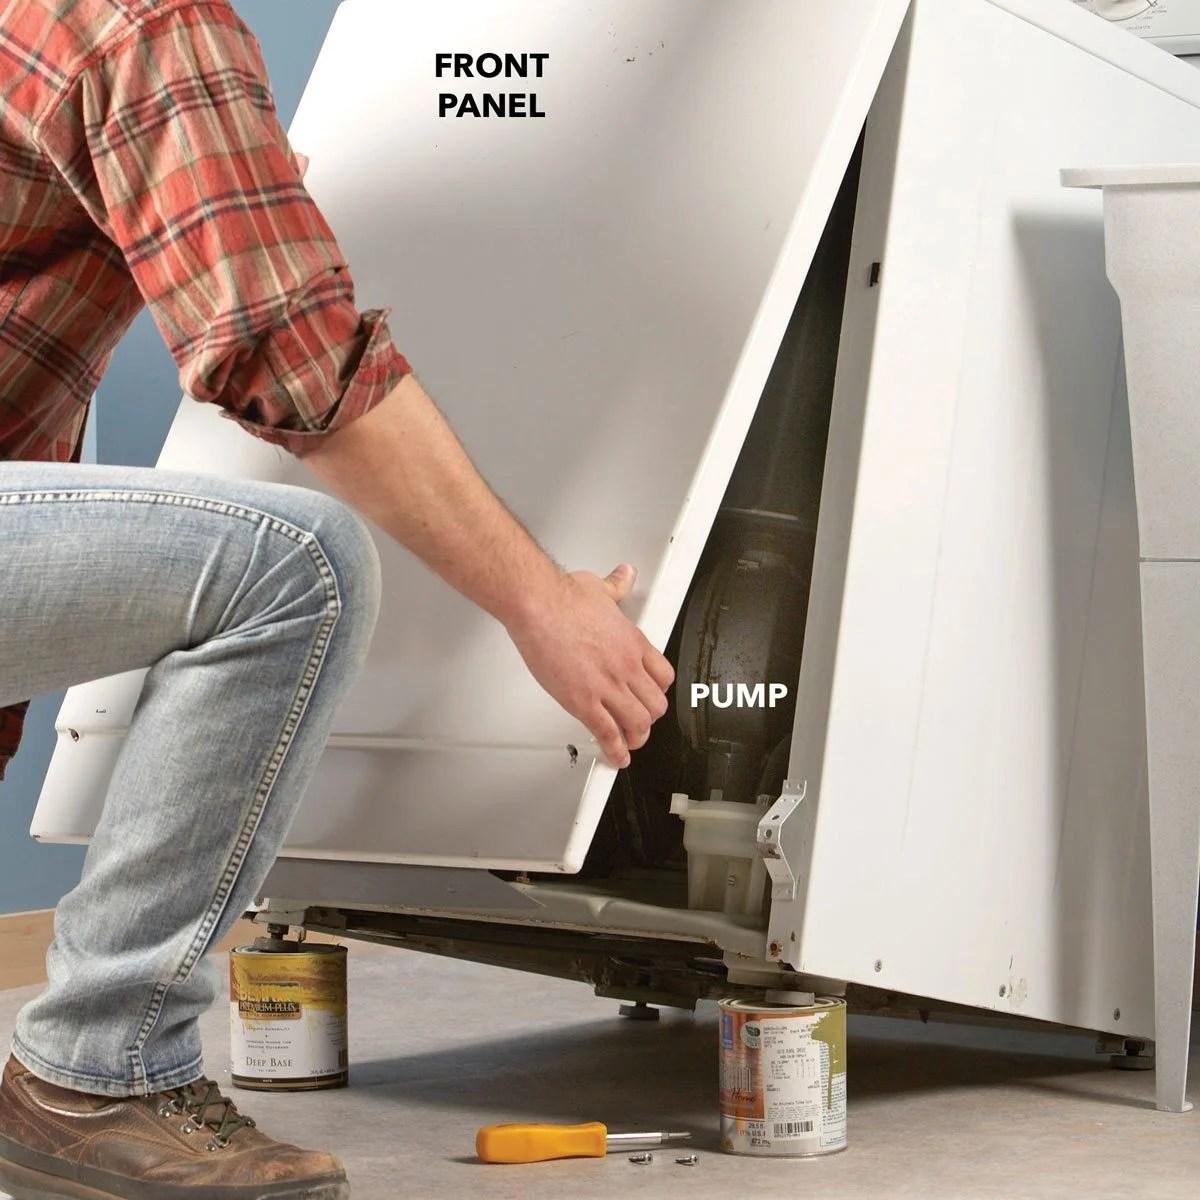 How To Drain A Washing Machine That Won T Drain